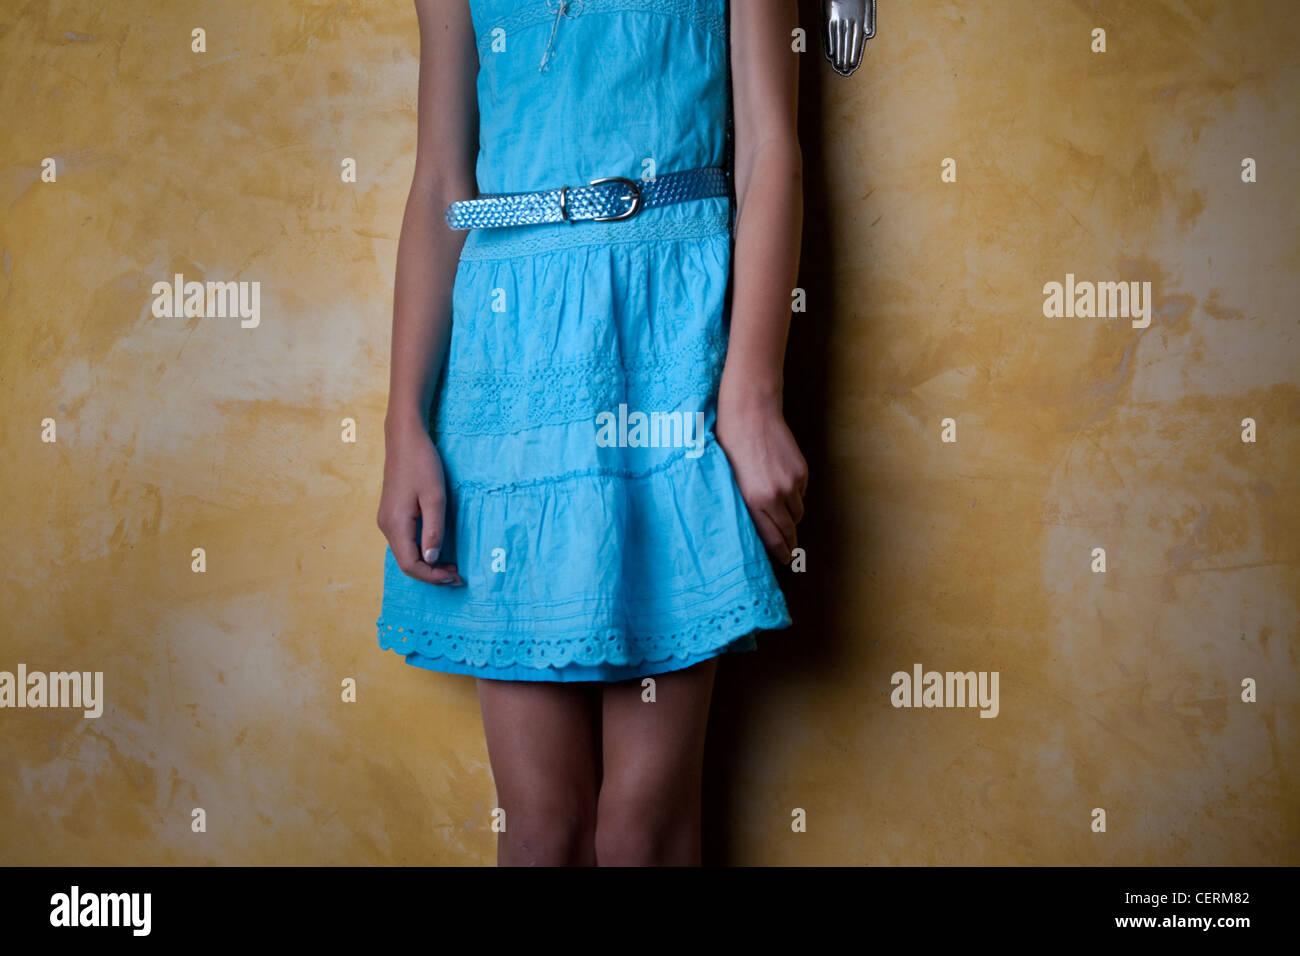 Vestida de vestido azul de pie contra una pared de adobe Imagen De Stock